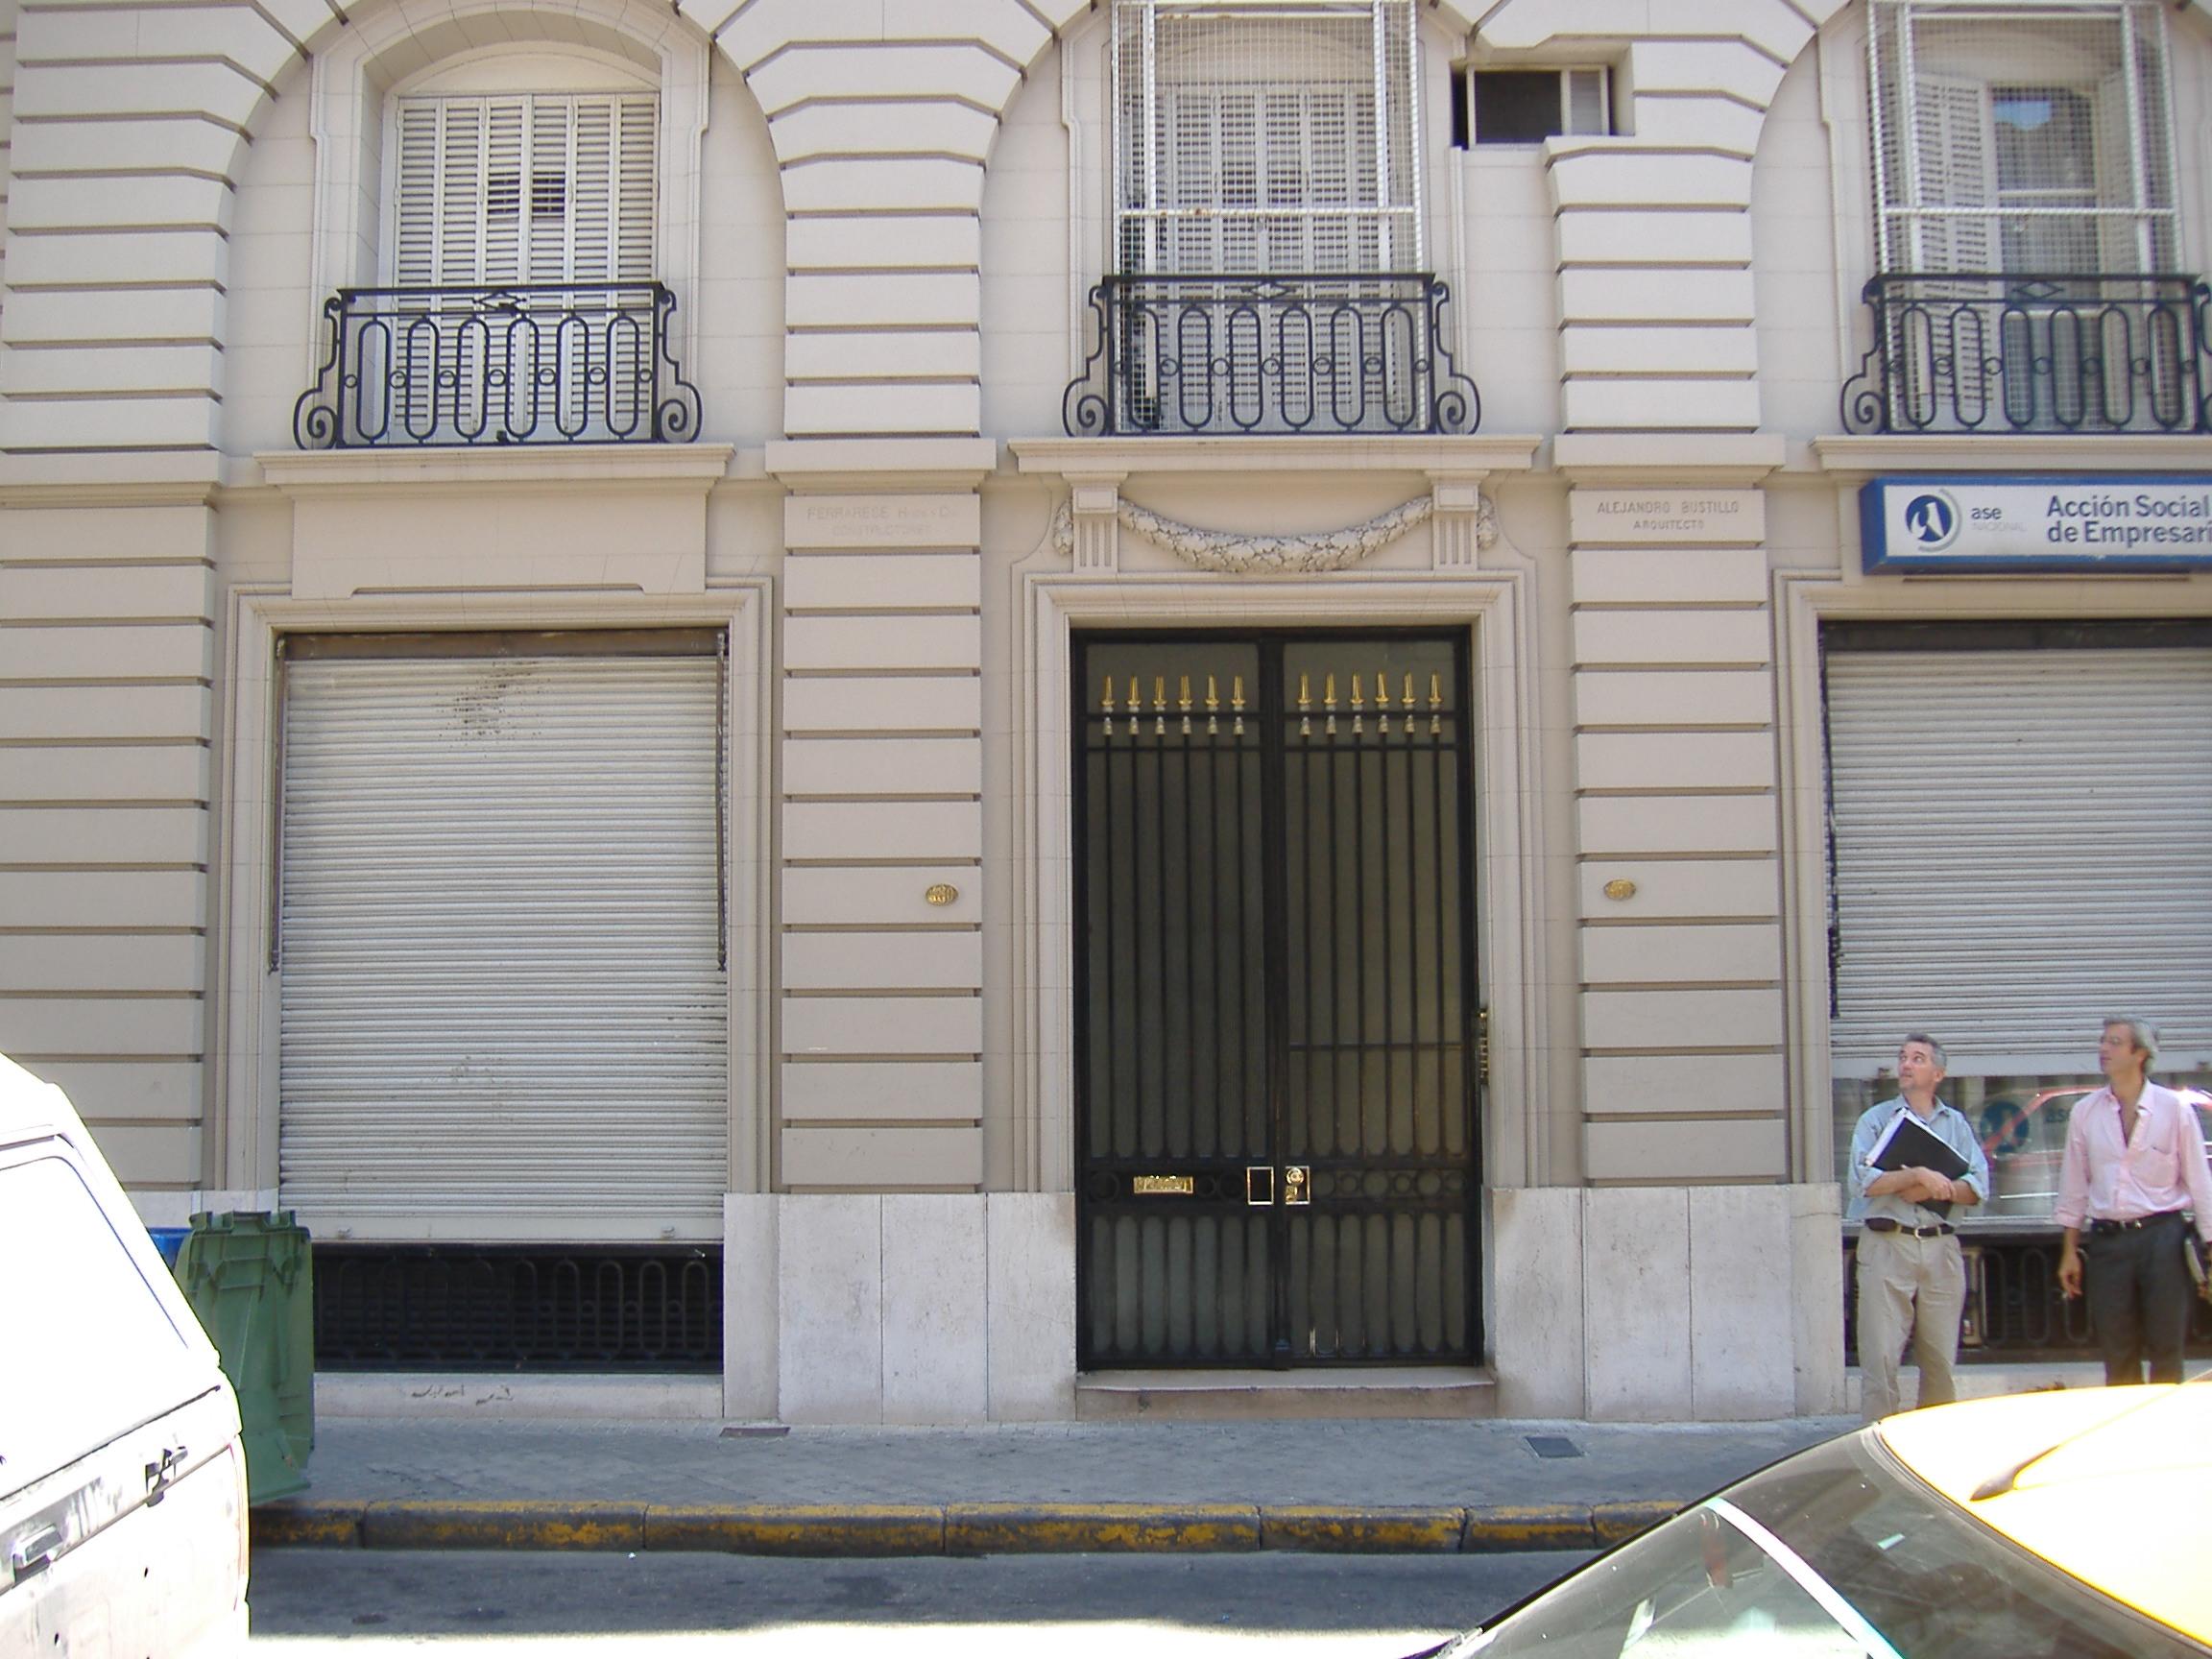 Puerta del edificio de Entre Ríos480, en la ciudad de Rosario. En el quinto piso se encuentra el apartamento donde vivió por pocas semanas el CheGuevara.